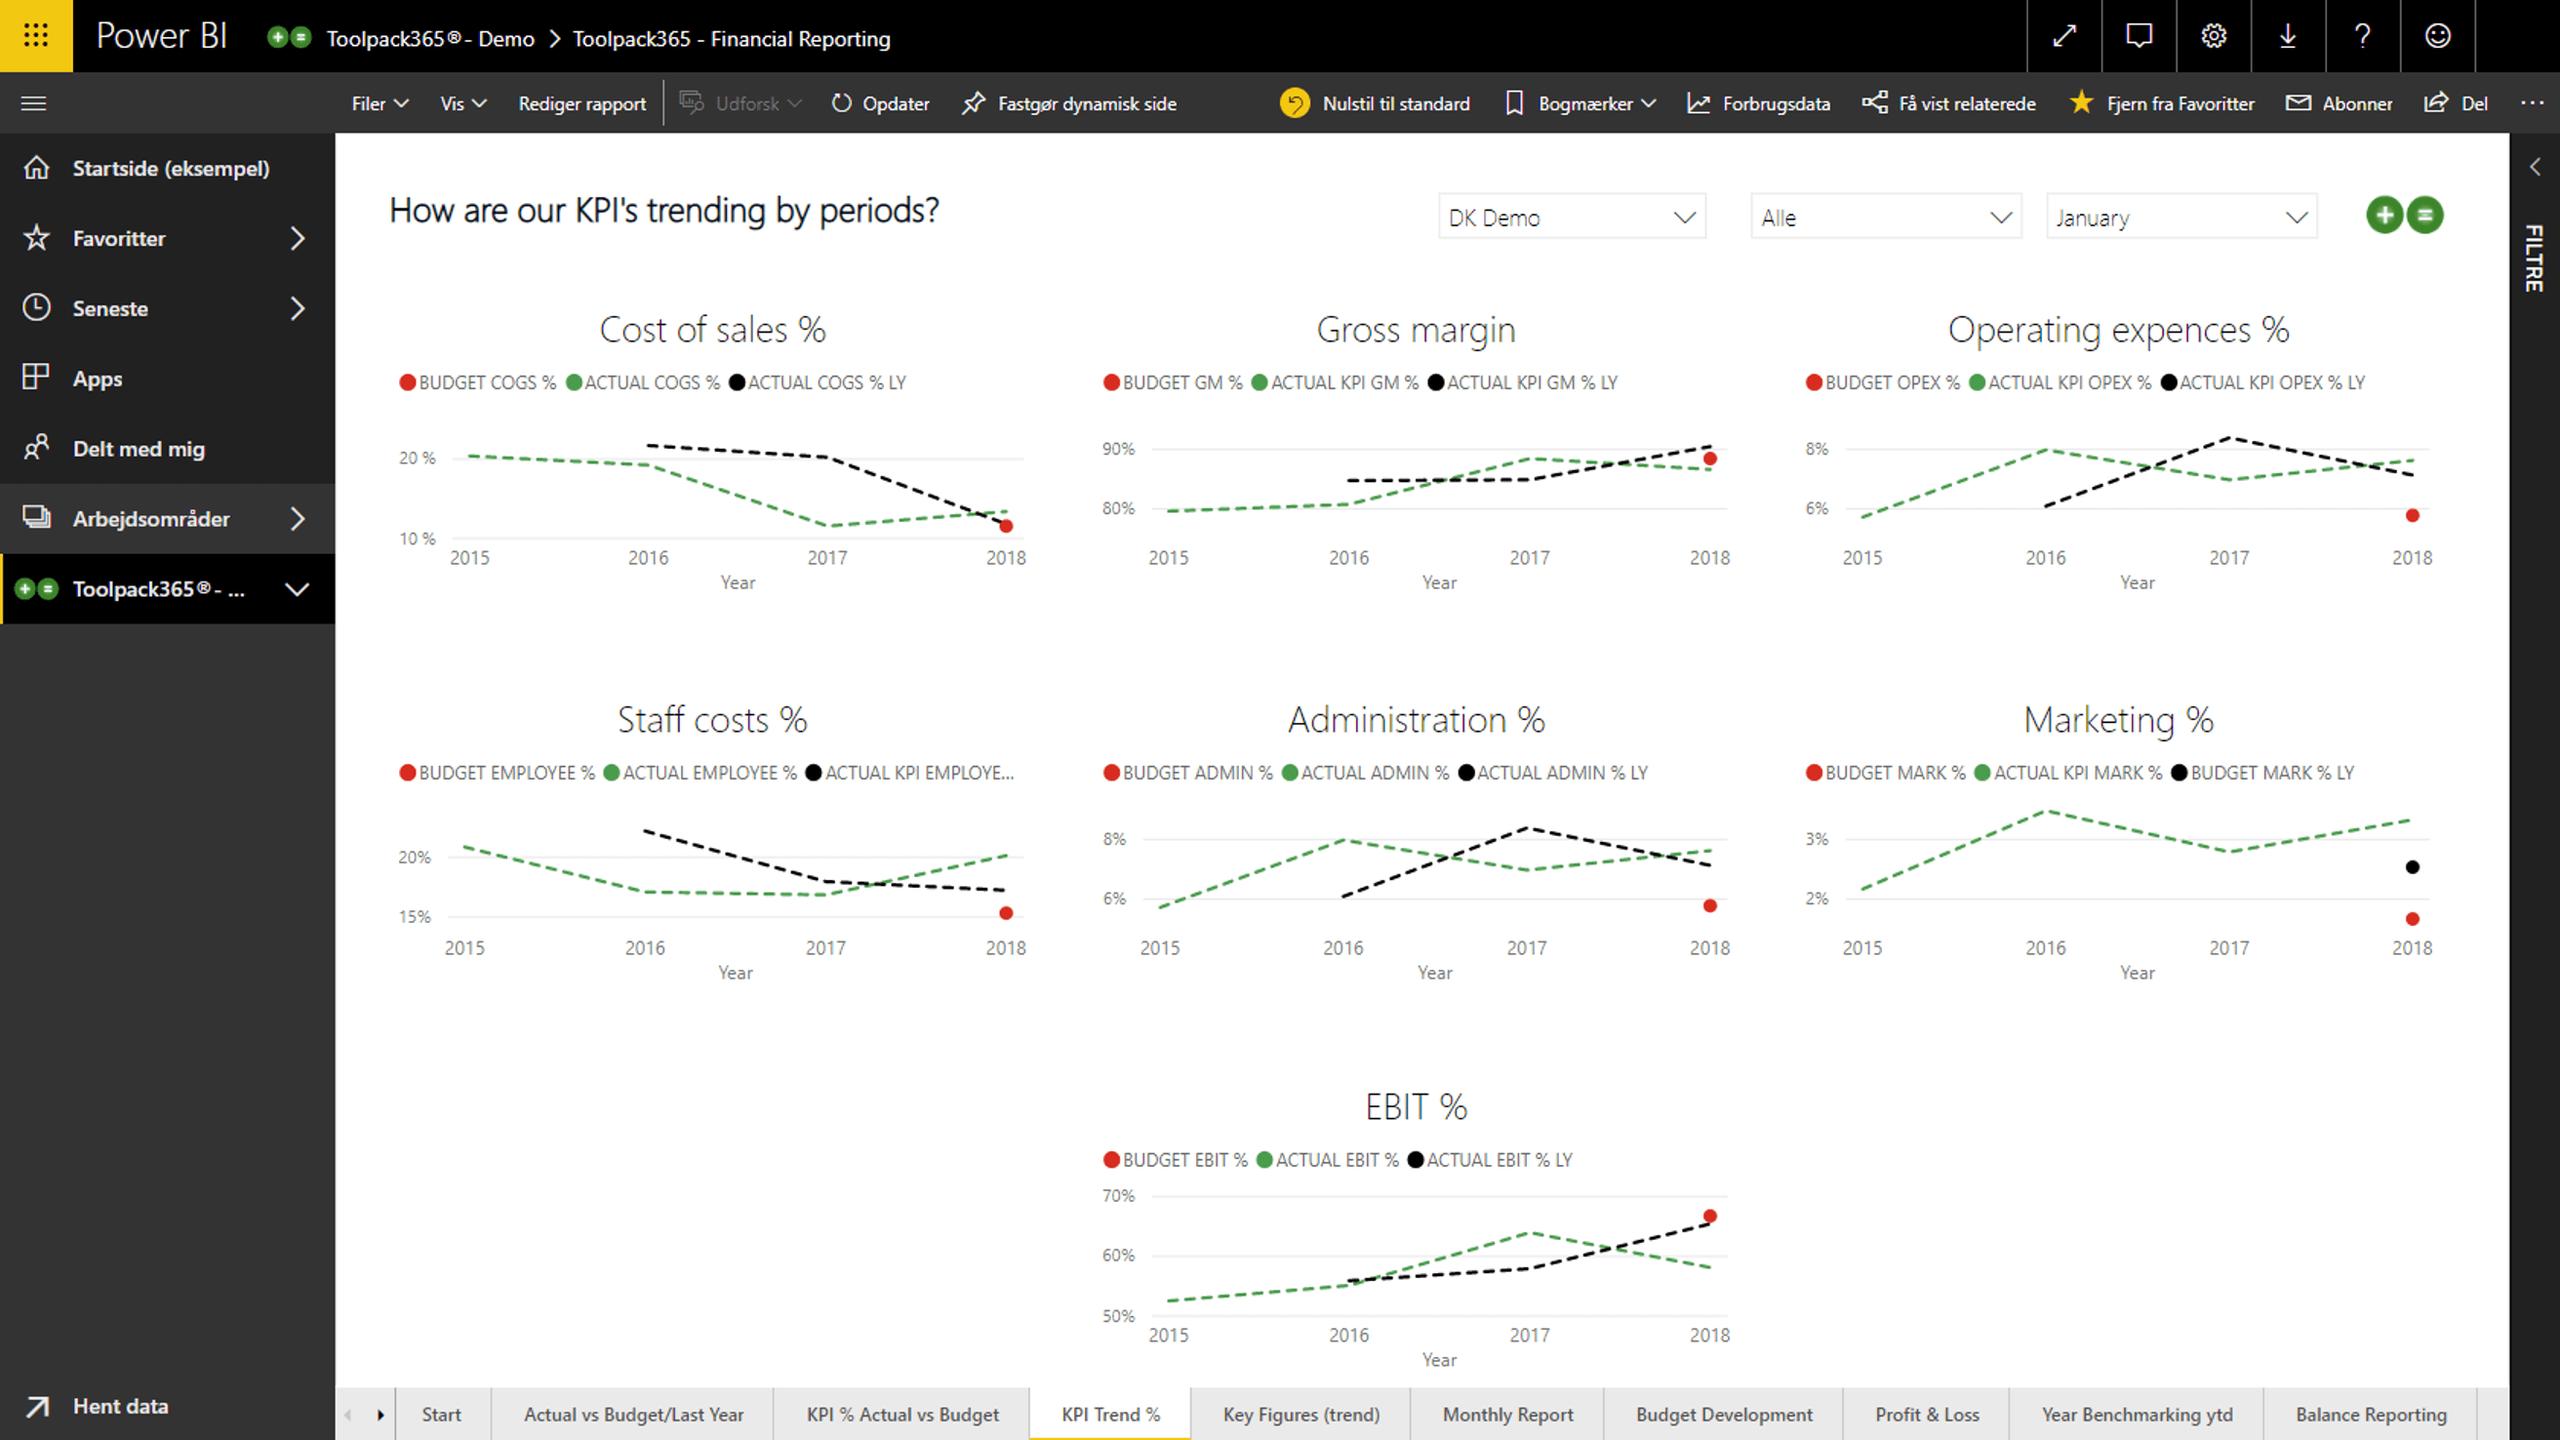 KPI Trend